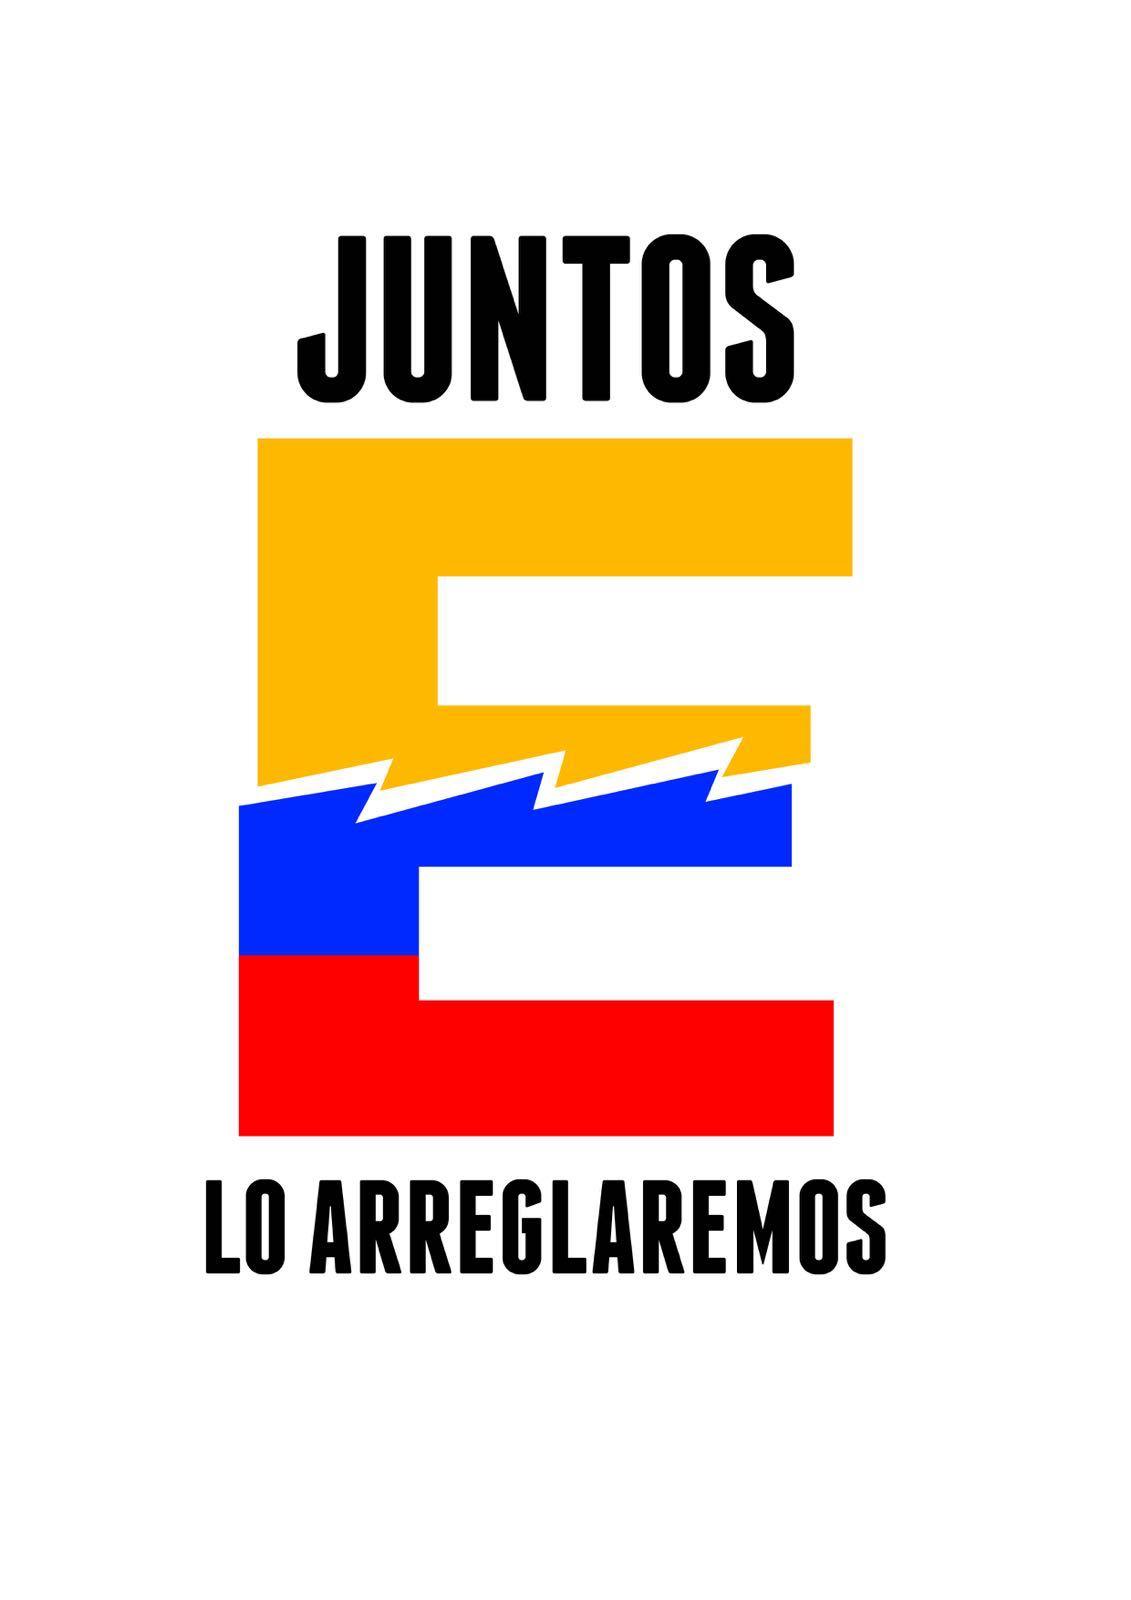 ¿¿De que están hechos los ecuatorianos??